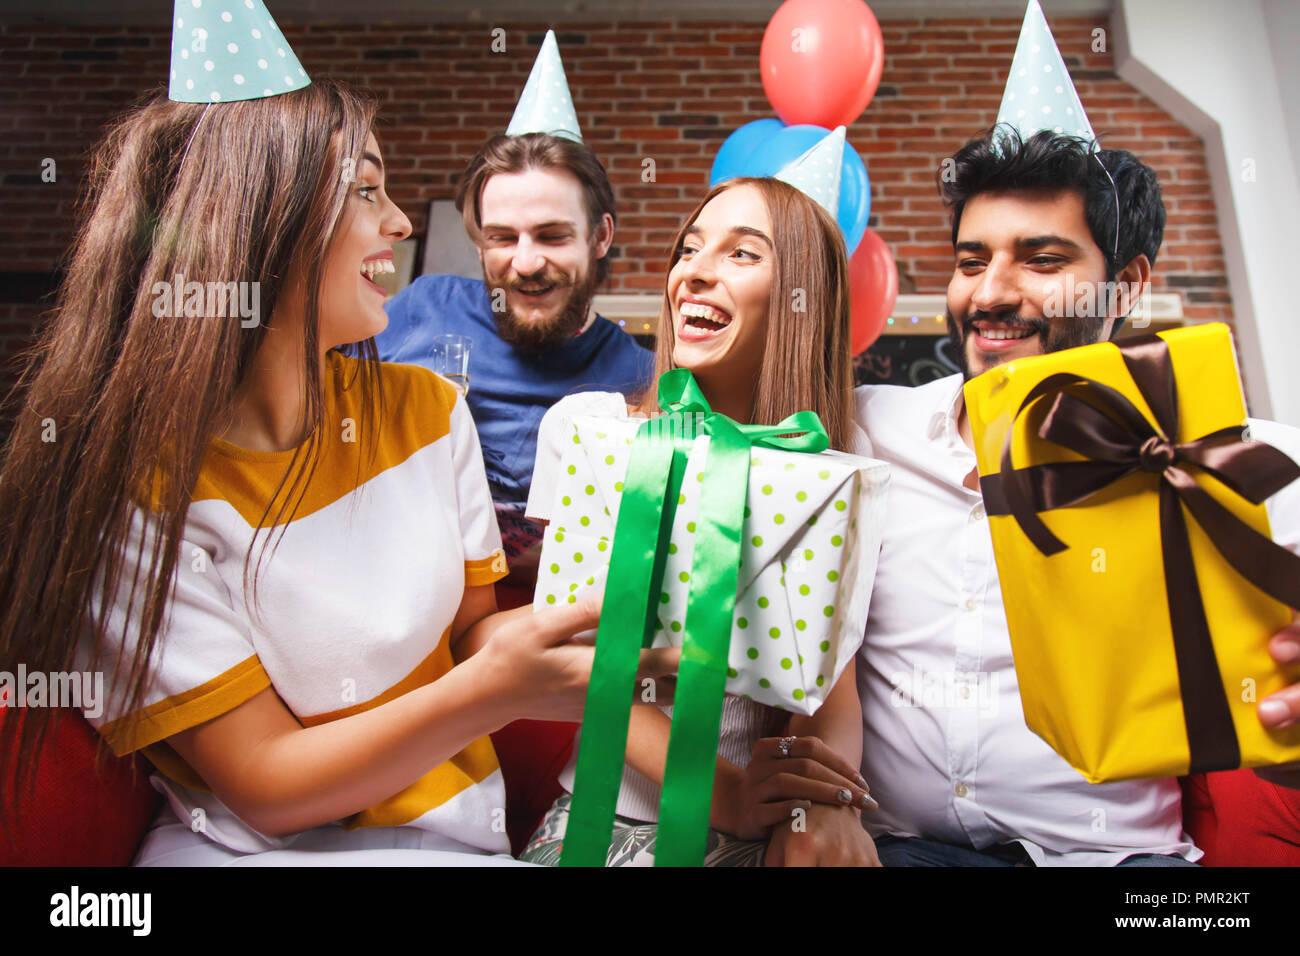 Amici offrono doni alla donna incredibile in un partito hat, essi sono a sorridere e ridere un sacco Immagini Stock